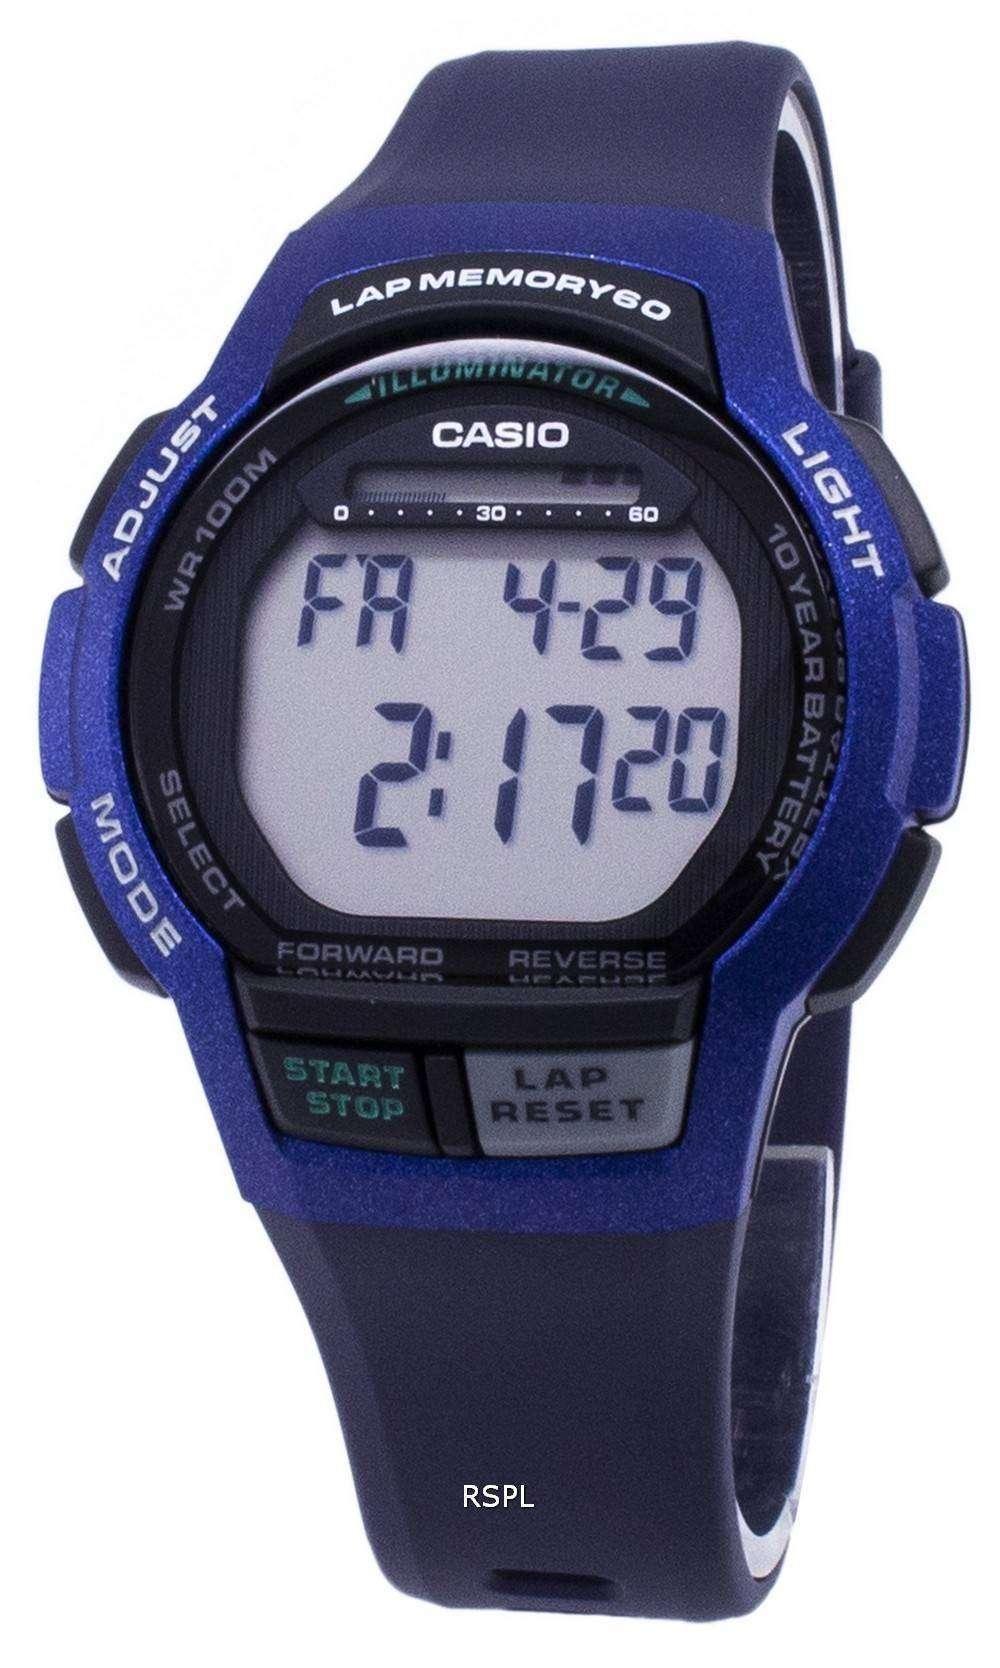 カシオ青年 WS-1000 H-2AV WS1000H-2AV 照明デジタル メンズ腕時計